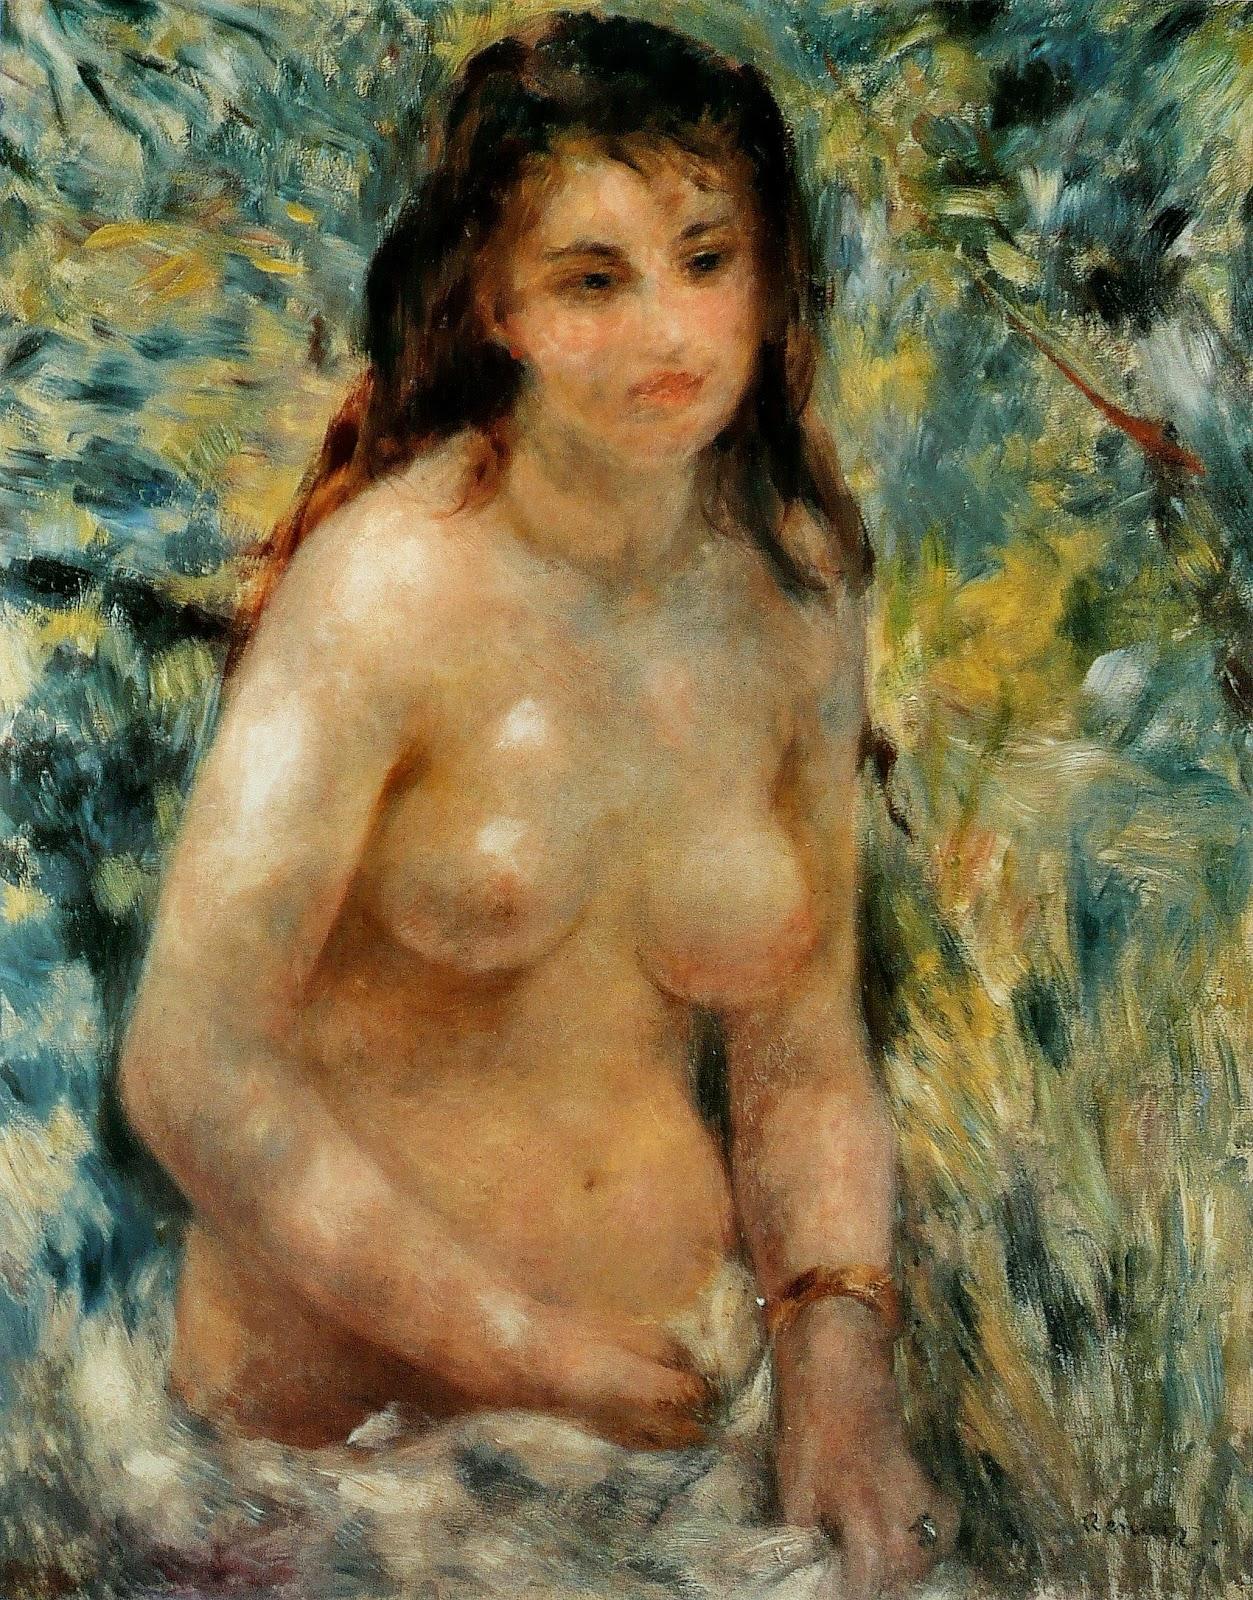 ピエール=オーギュスト・ルノワールの陽光を浴びる裸婦